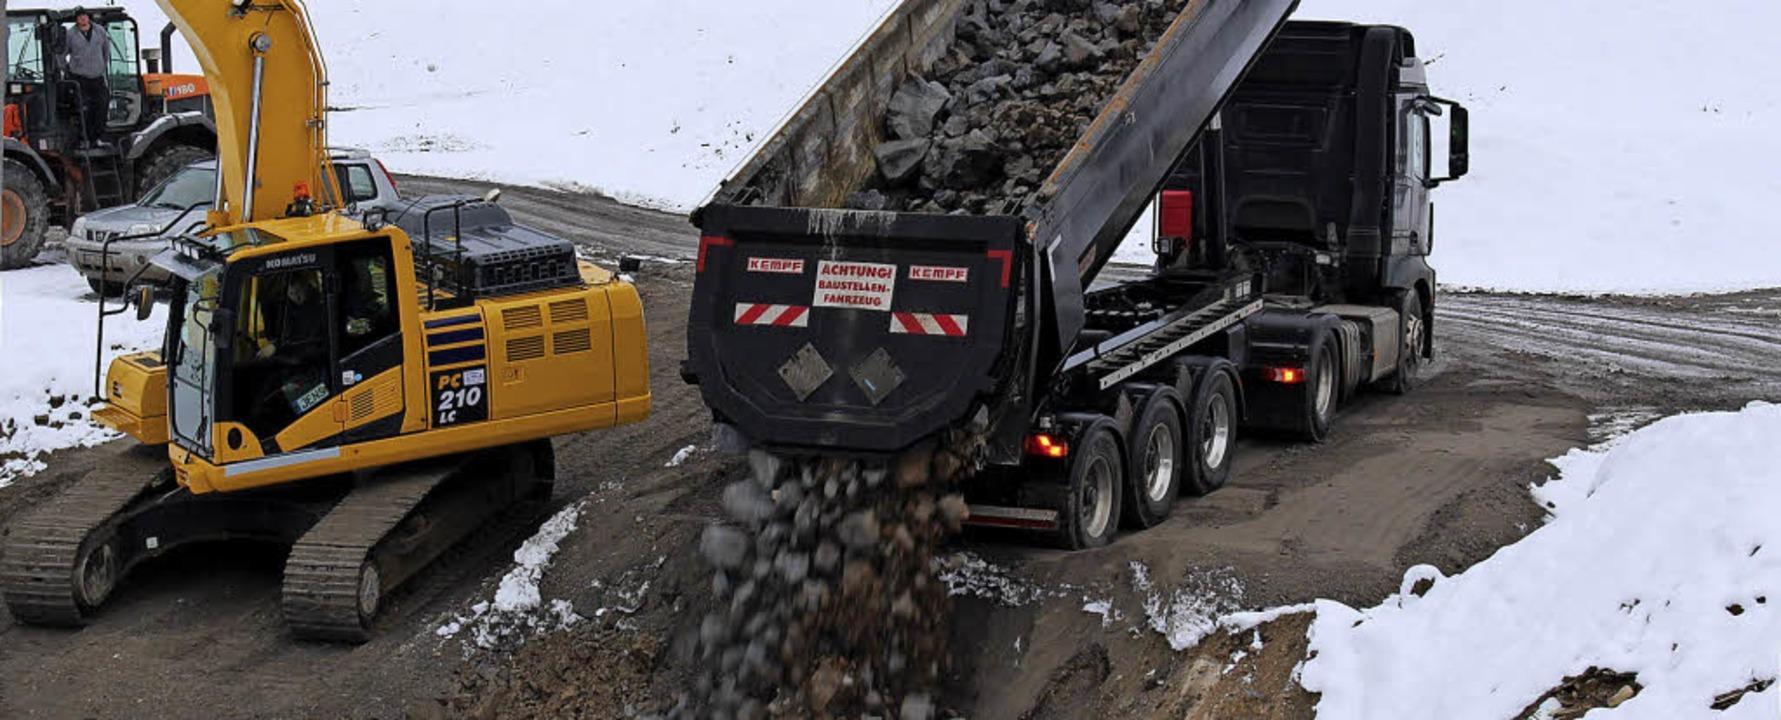 Ein Laster lädt auf der Mülldeponie das leicht radioaktive Material ab.     Foto: Hansjörg Bader/Erika Bader